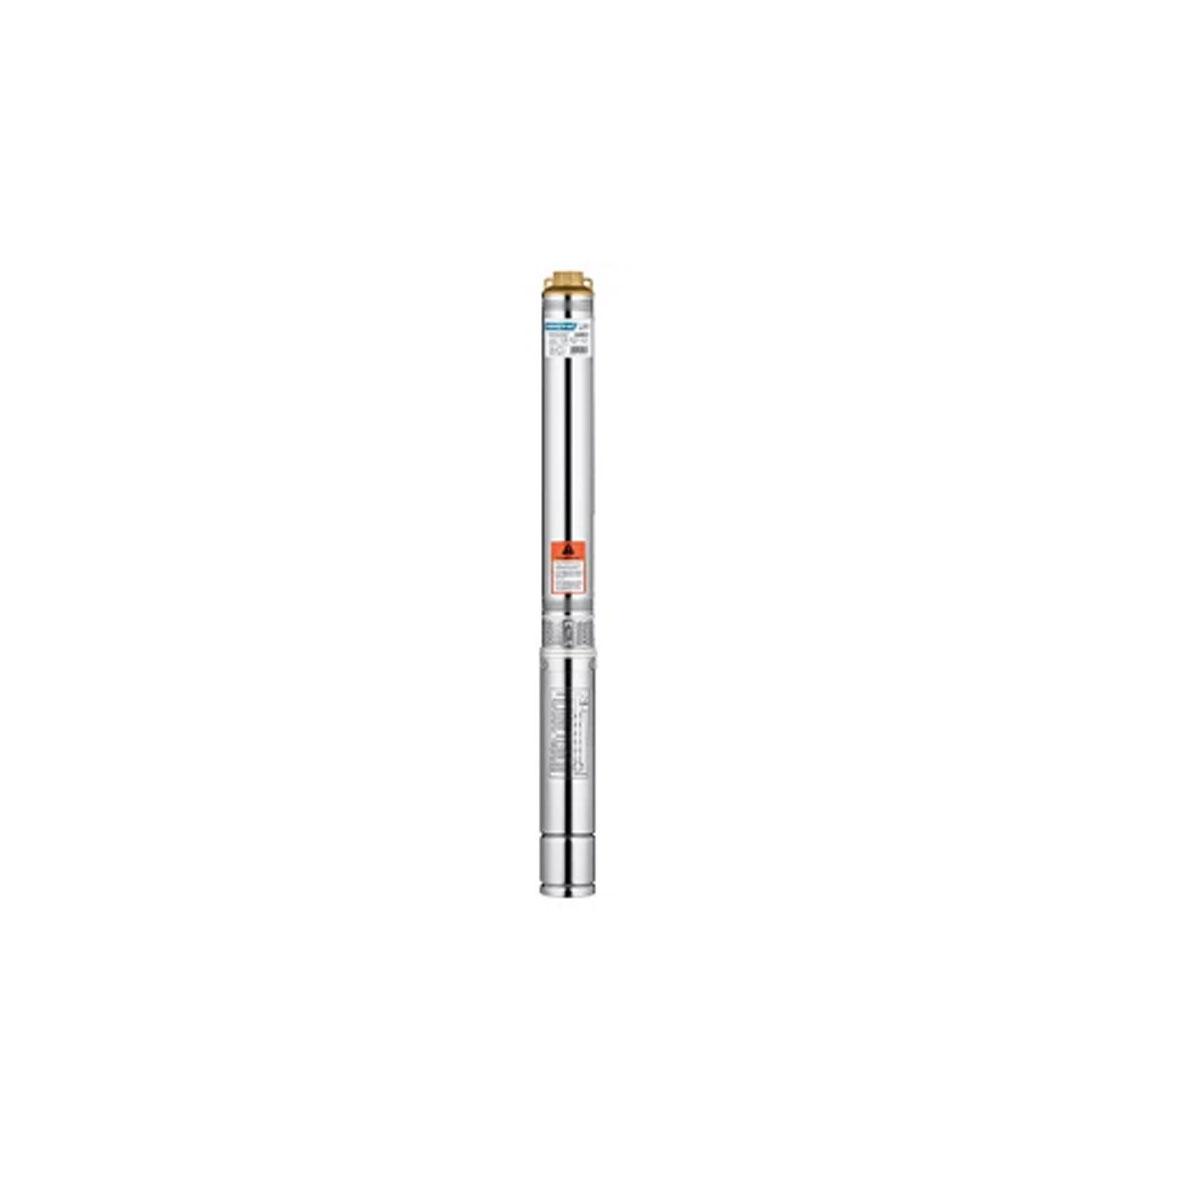 Bomba Submersa 2.5SDIM2/22 3/4 CV 220V Monofásica Lepono